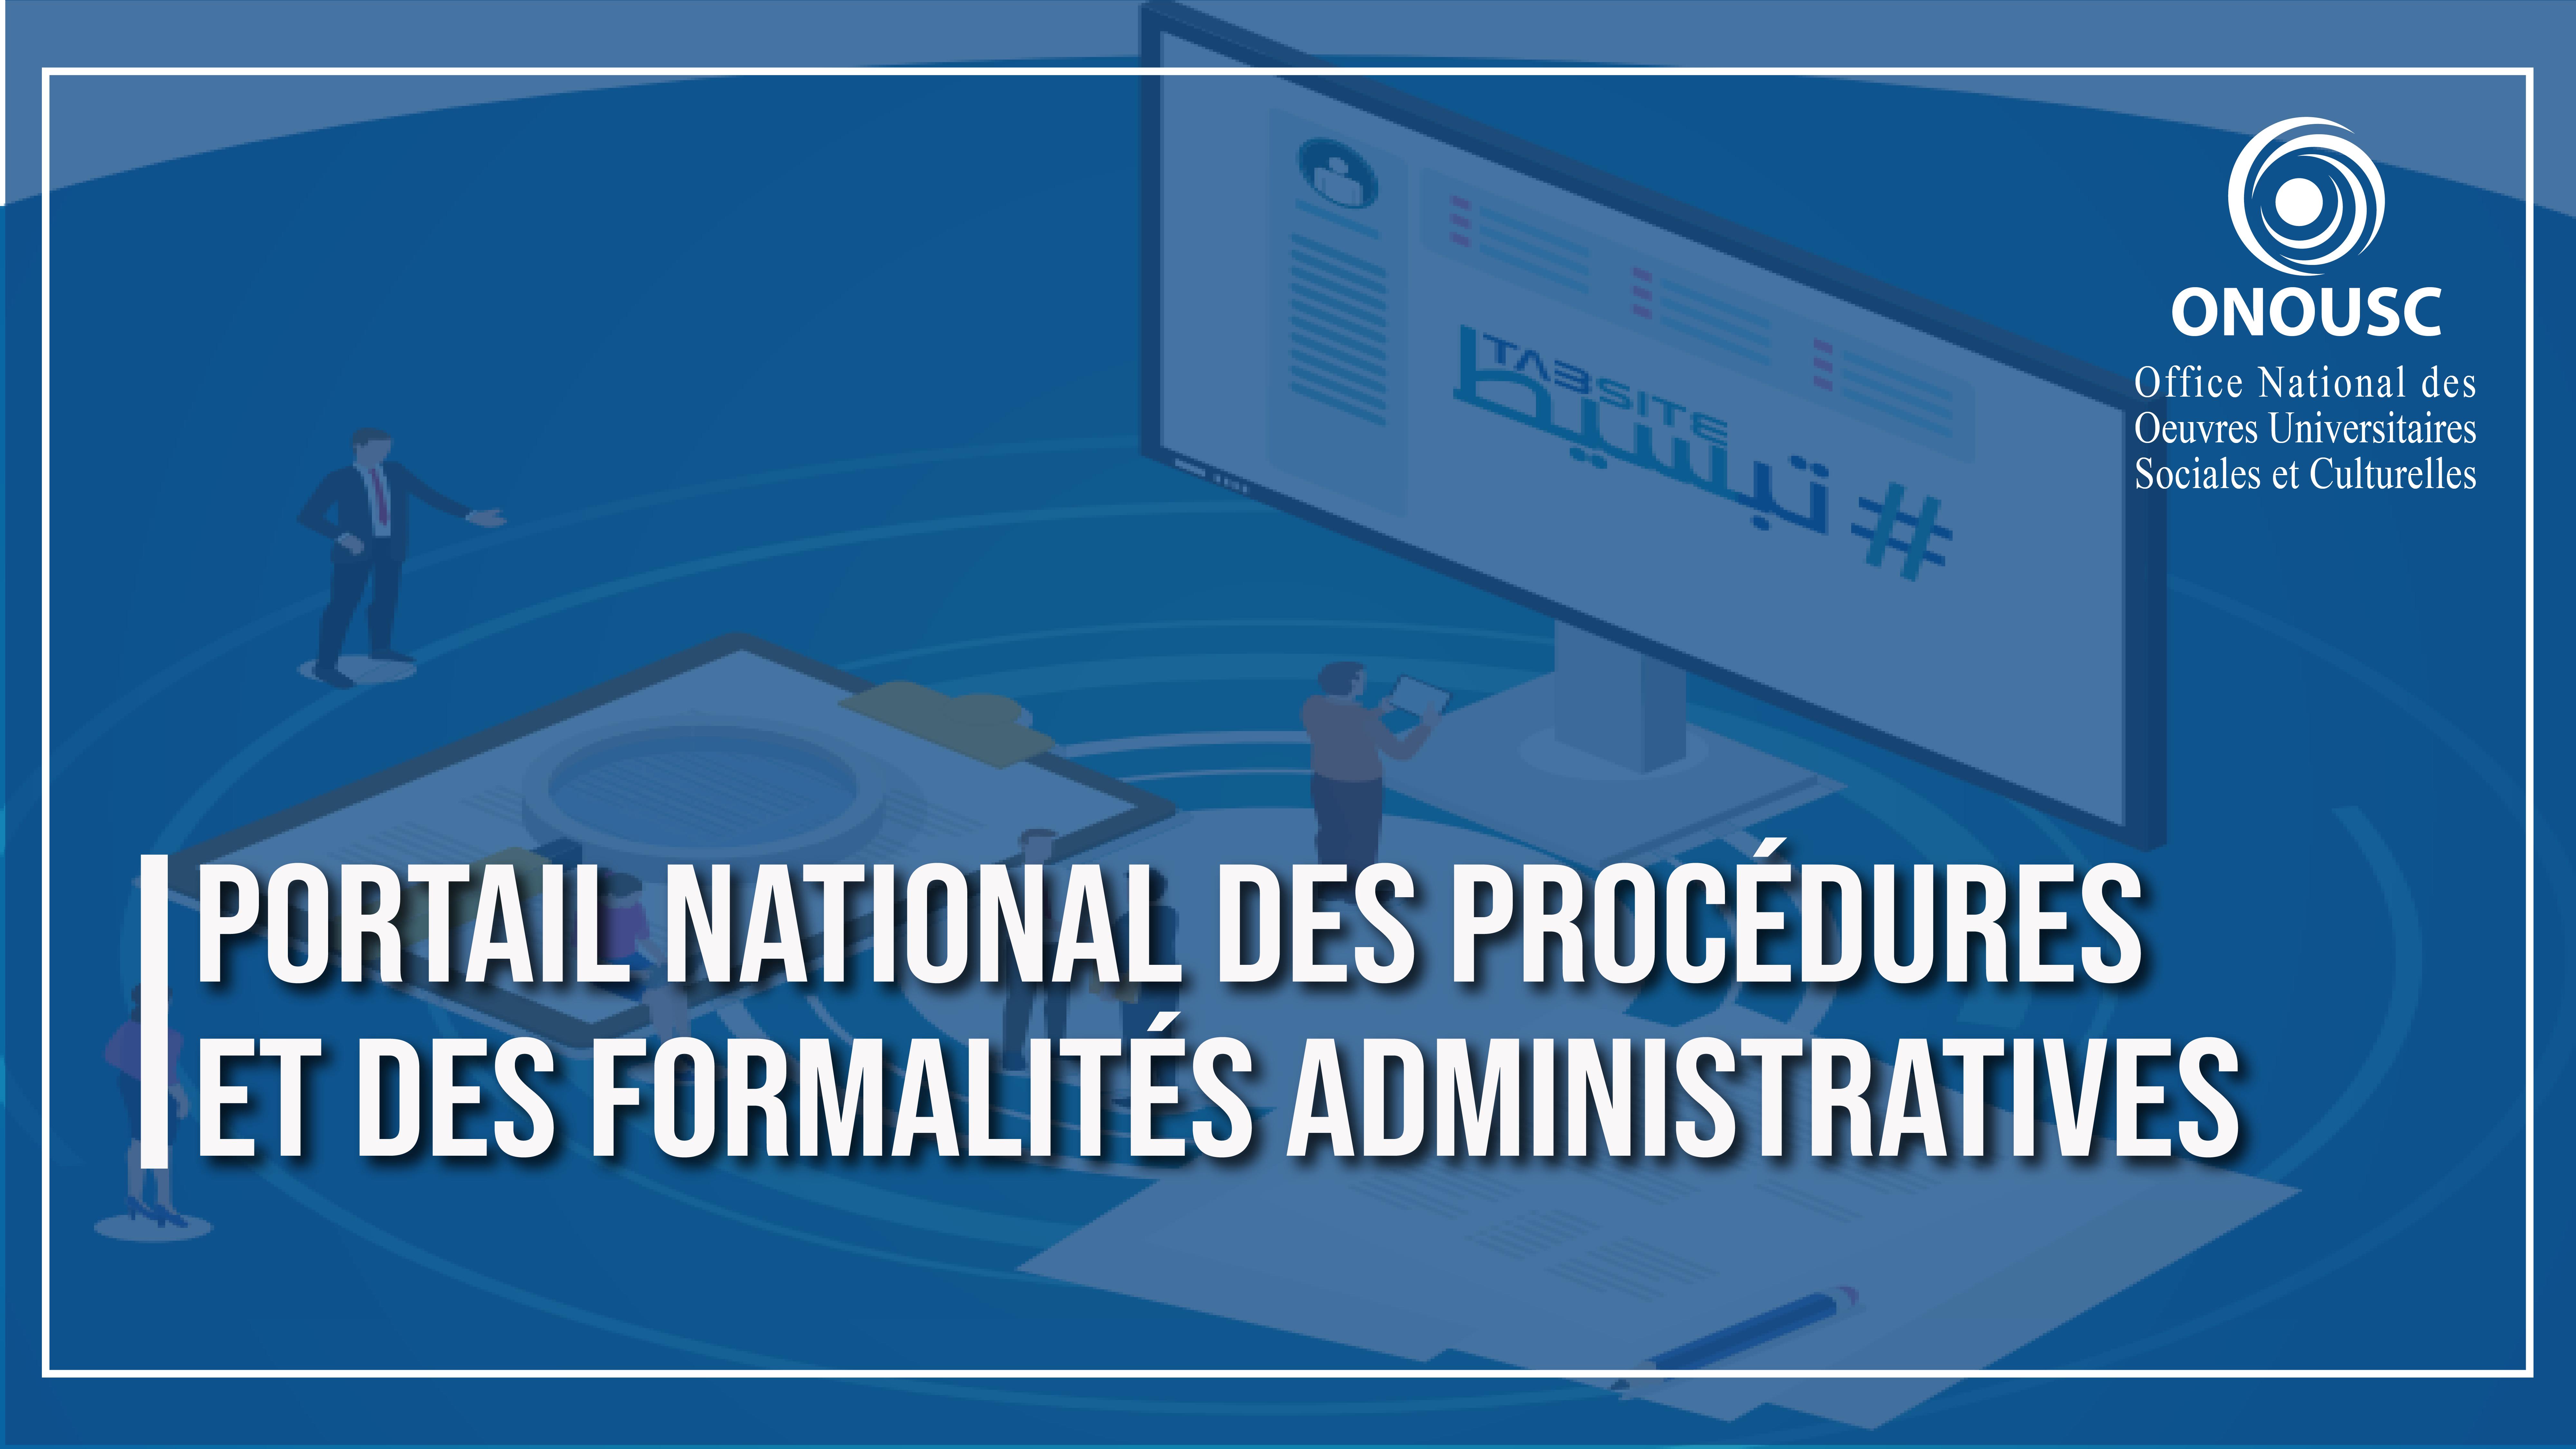 Portail National des Procédures et des Formalités Administratives